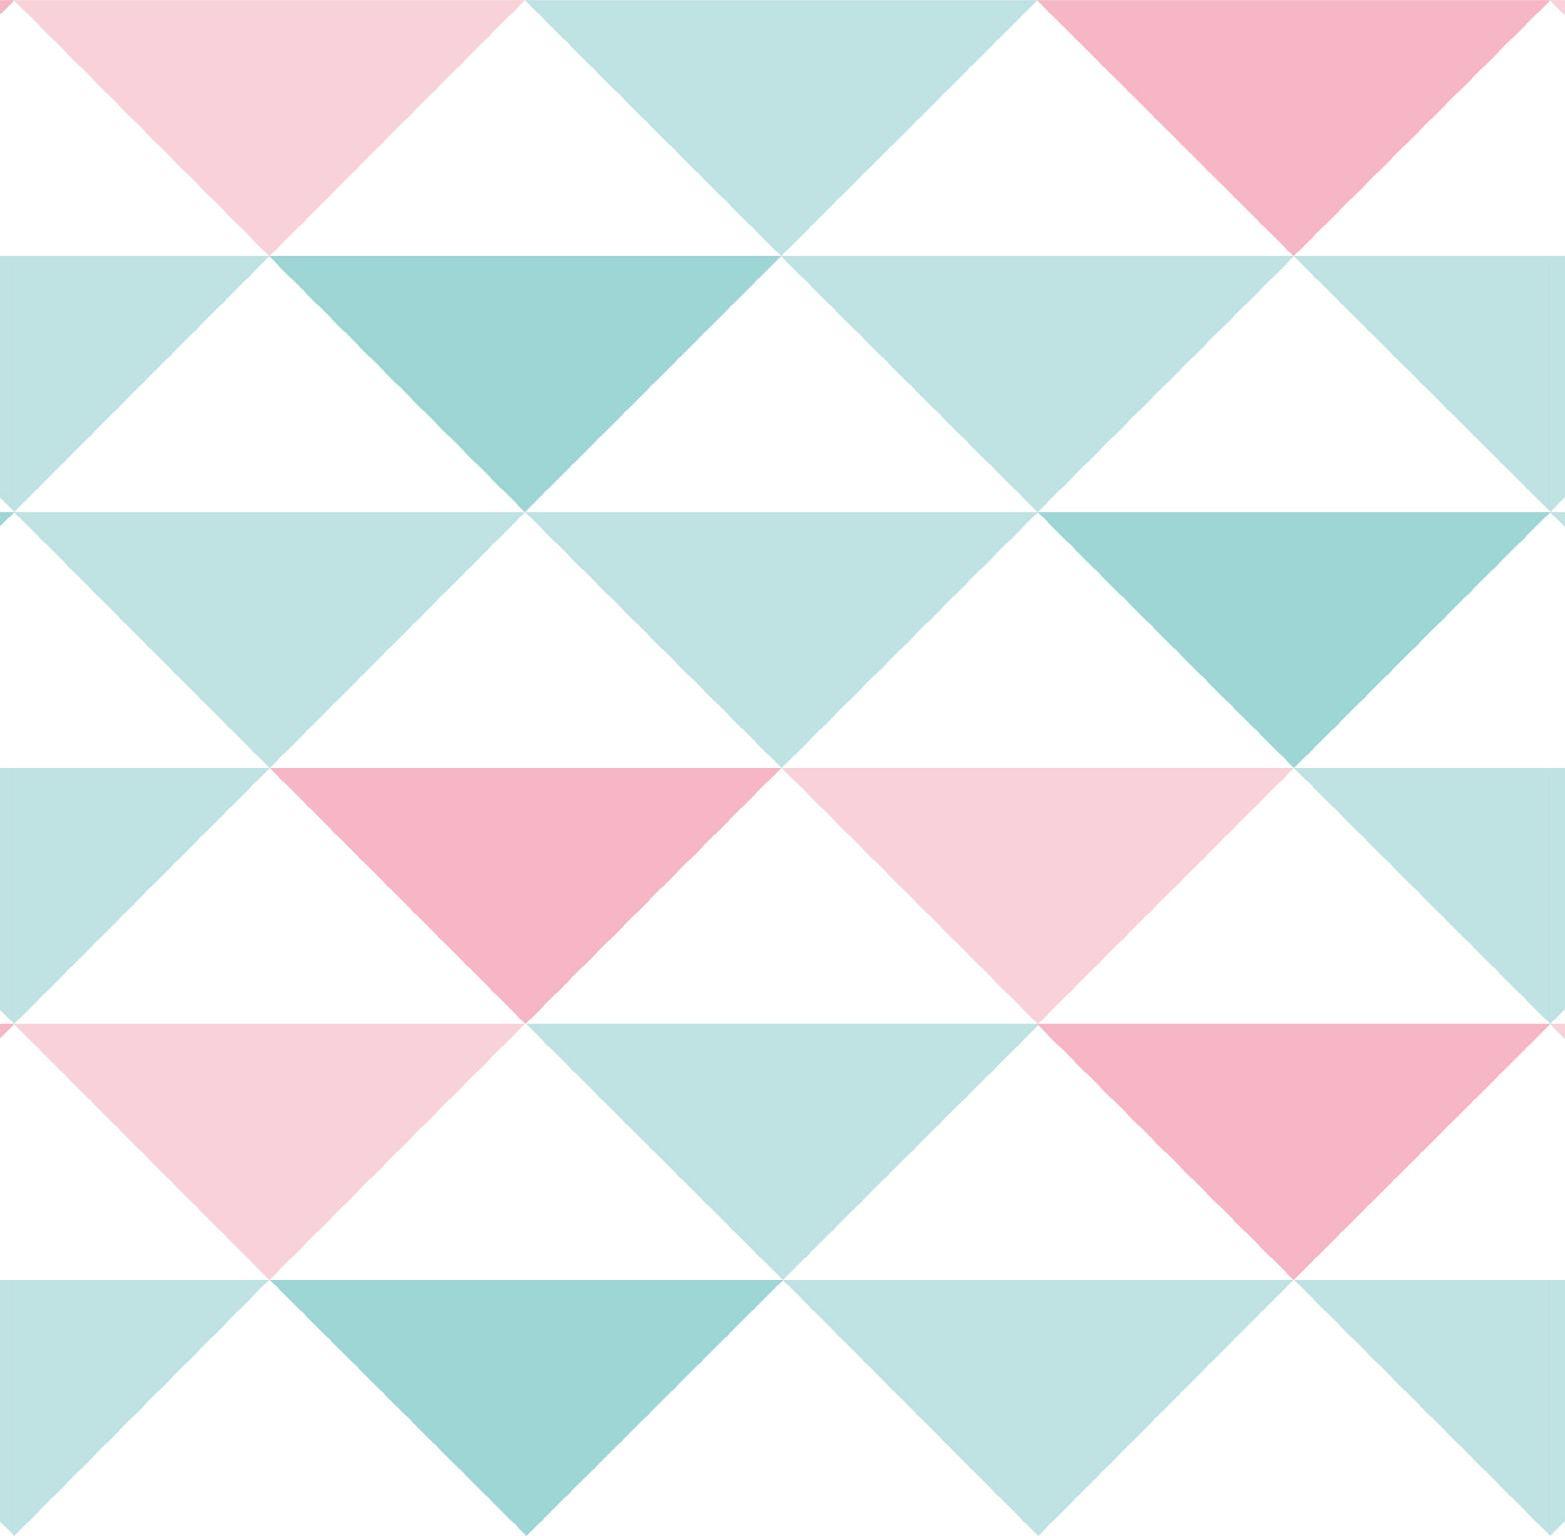 Papel de Parede Infantil Bobinex Vinílico Coleção Brincar Geométrico Triângulo Verde, Rosa, Branco